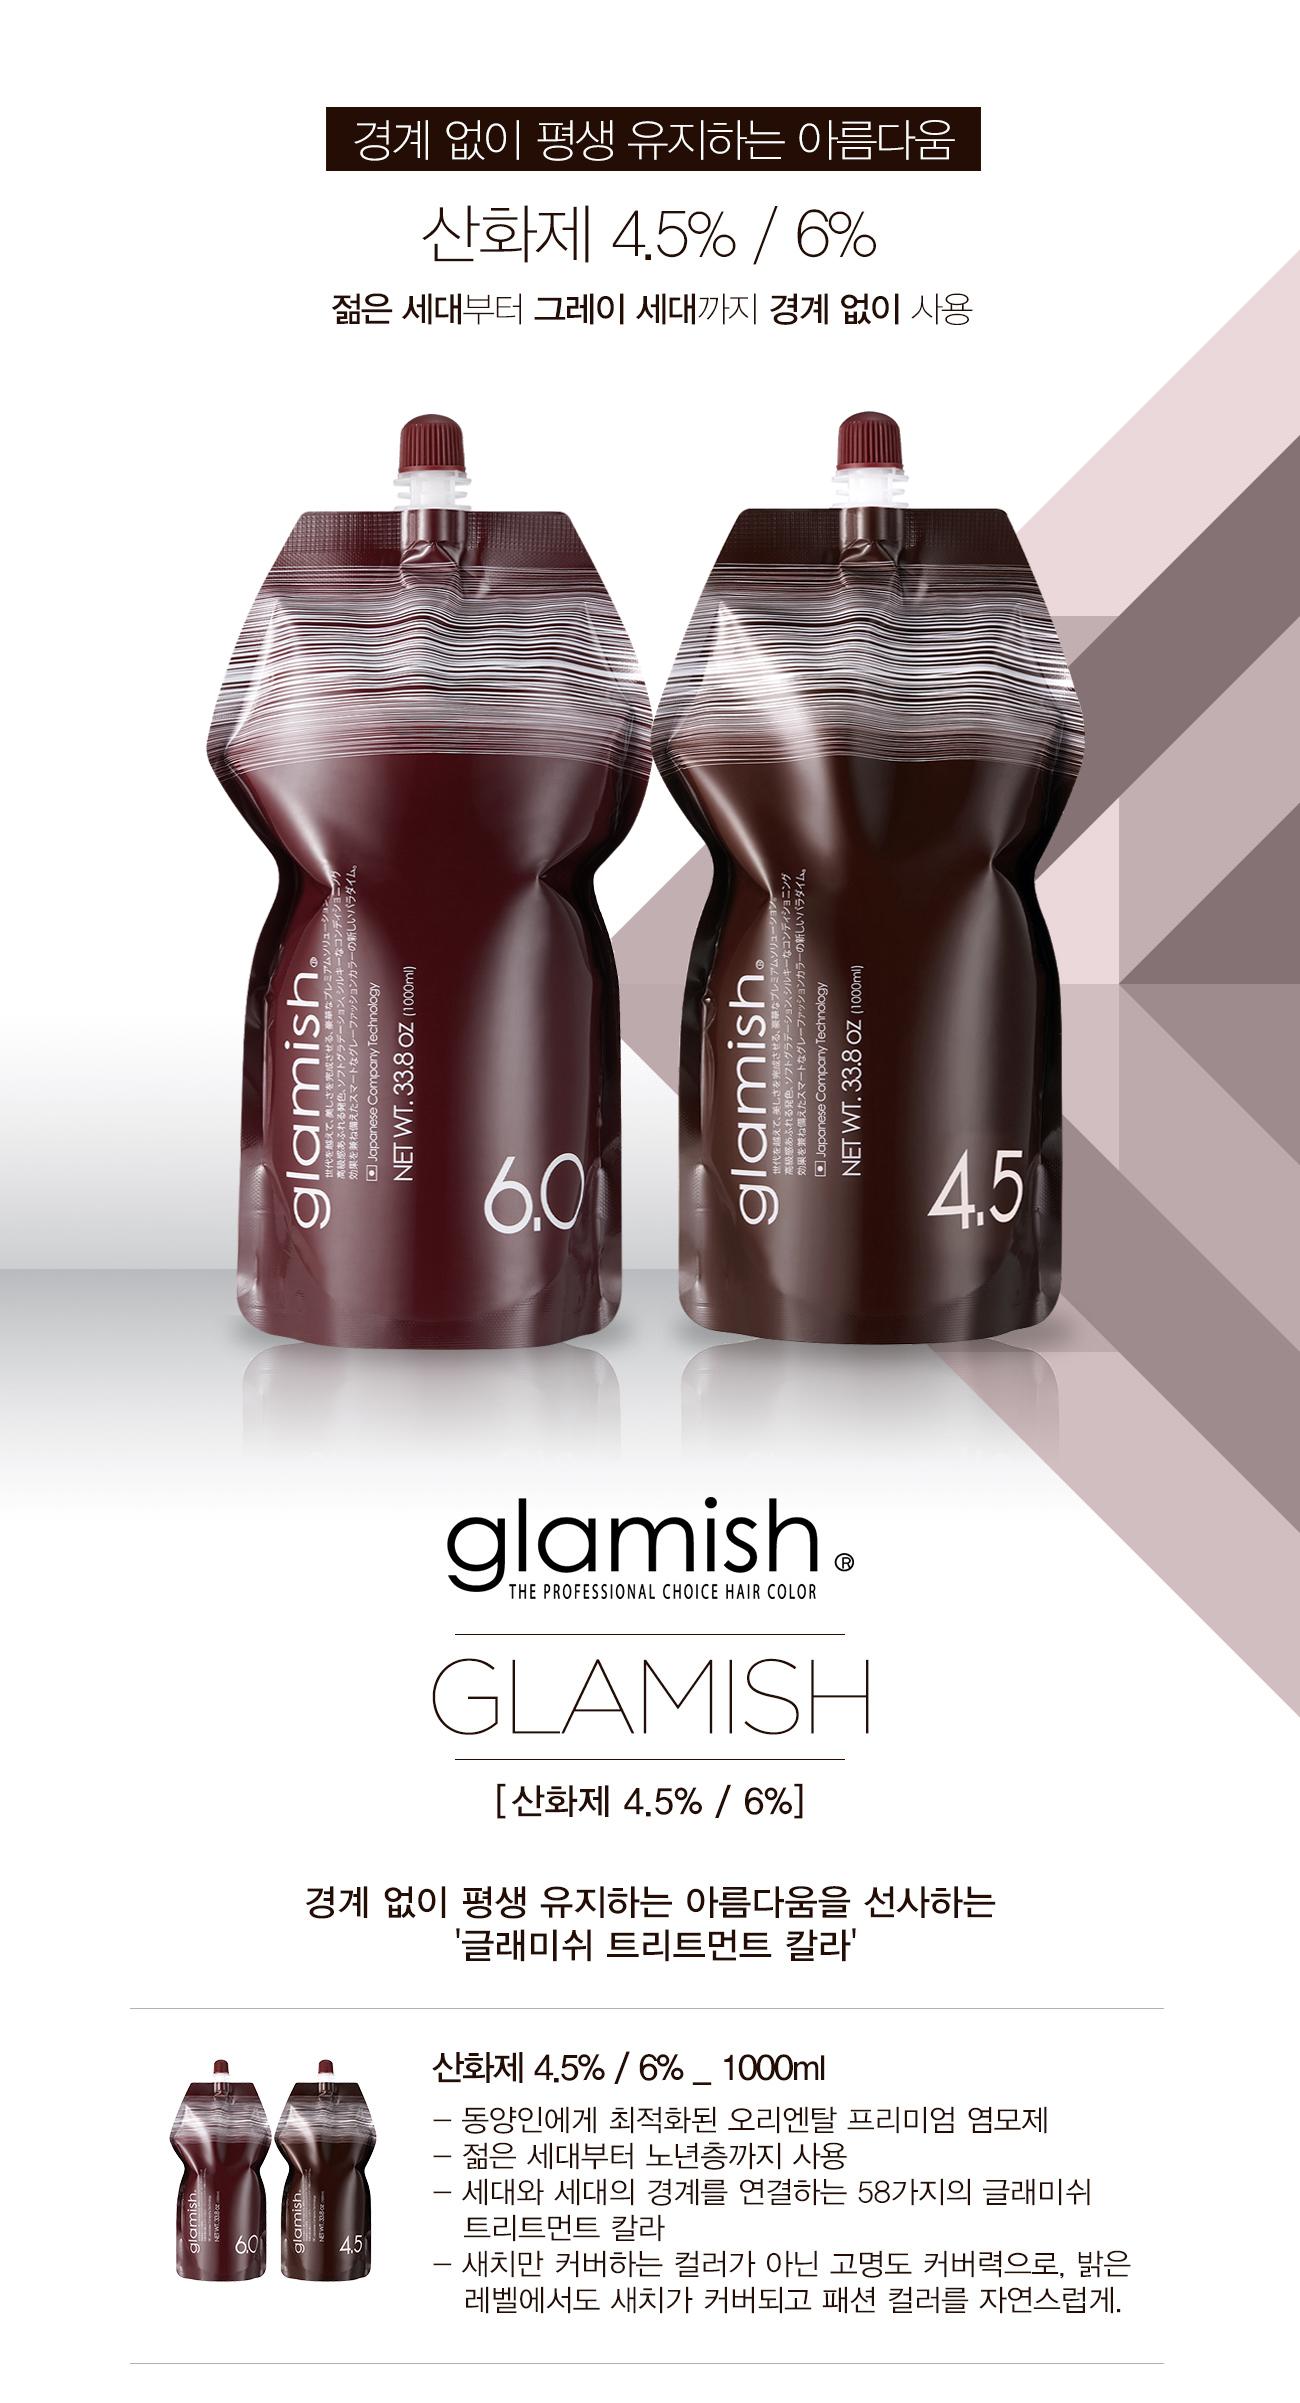 glamish2.jpg